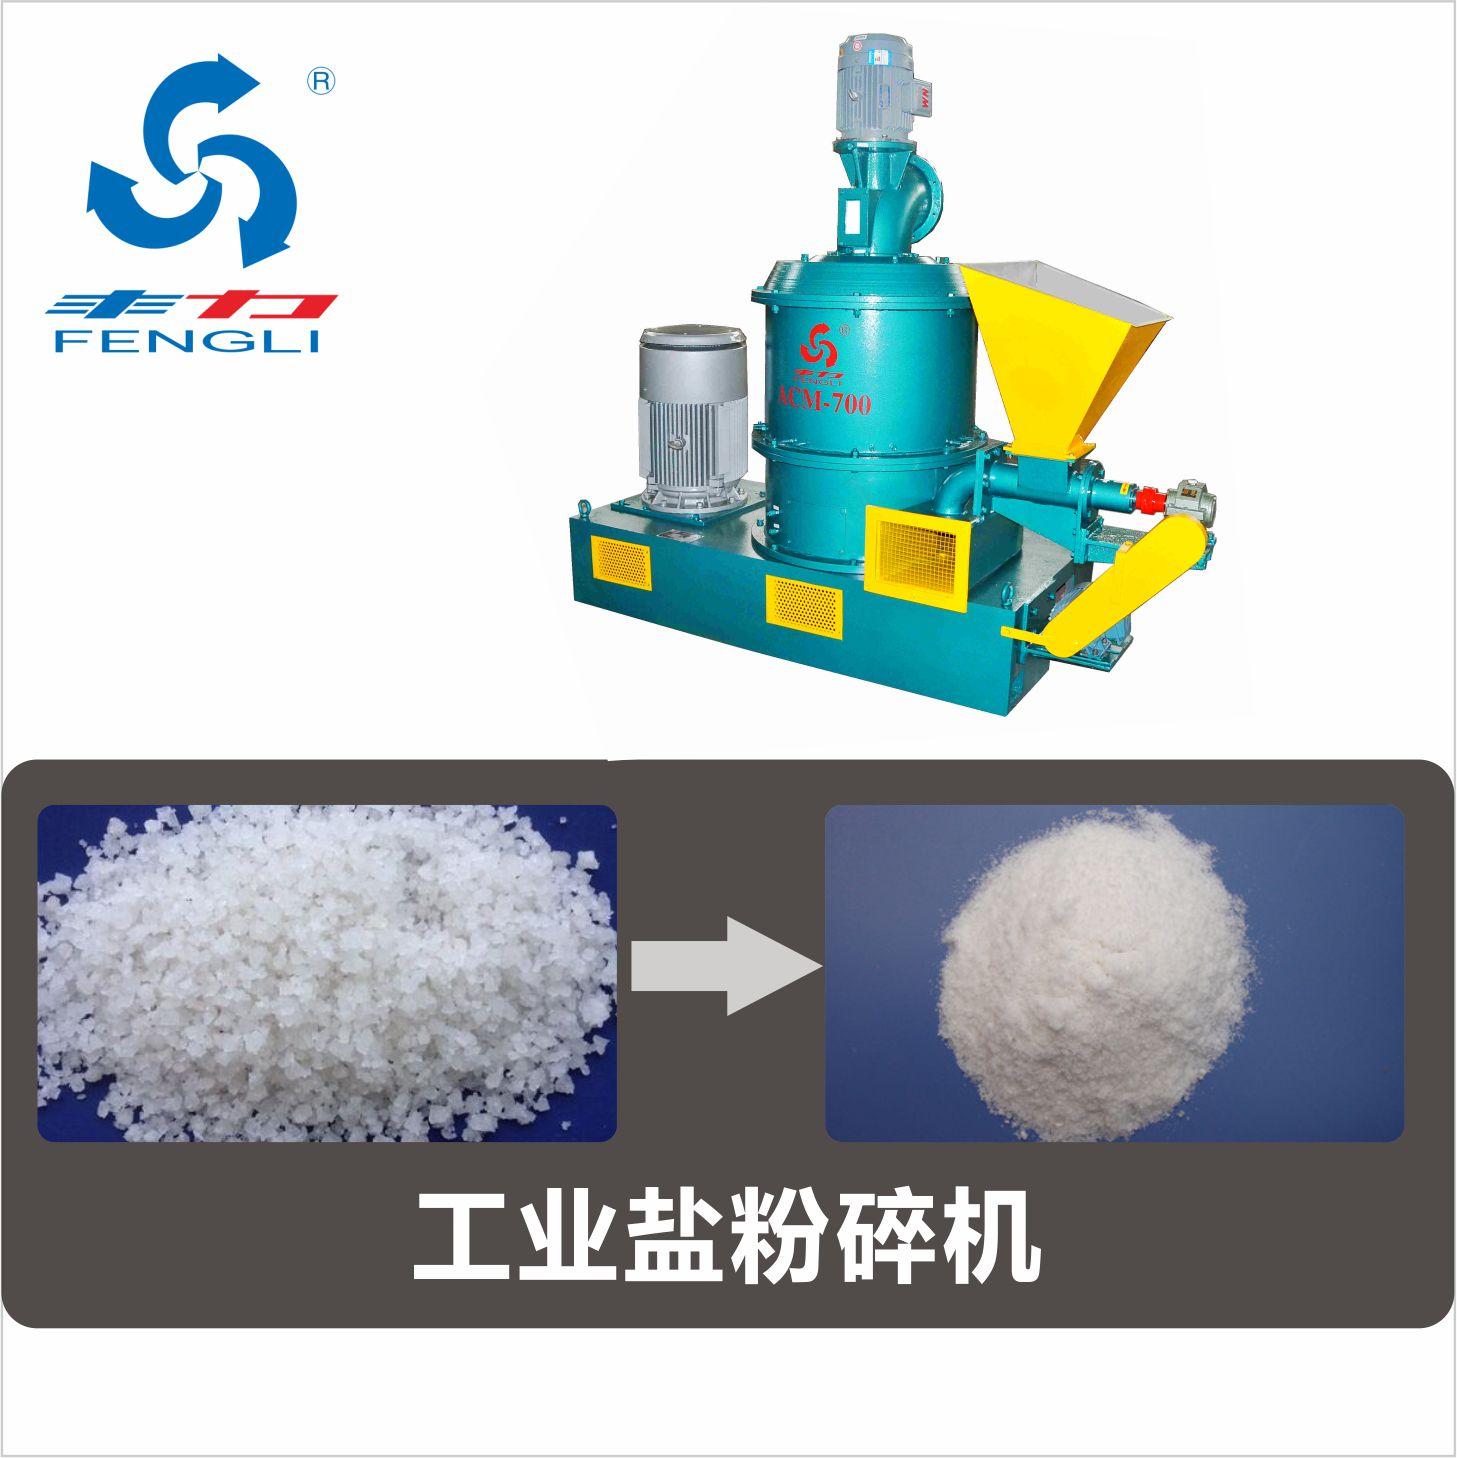 10041283_工业盐粉碎机.jpeg